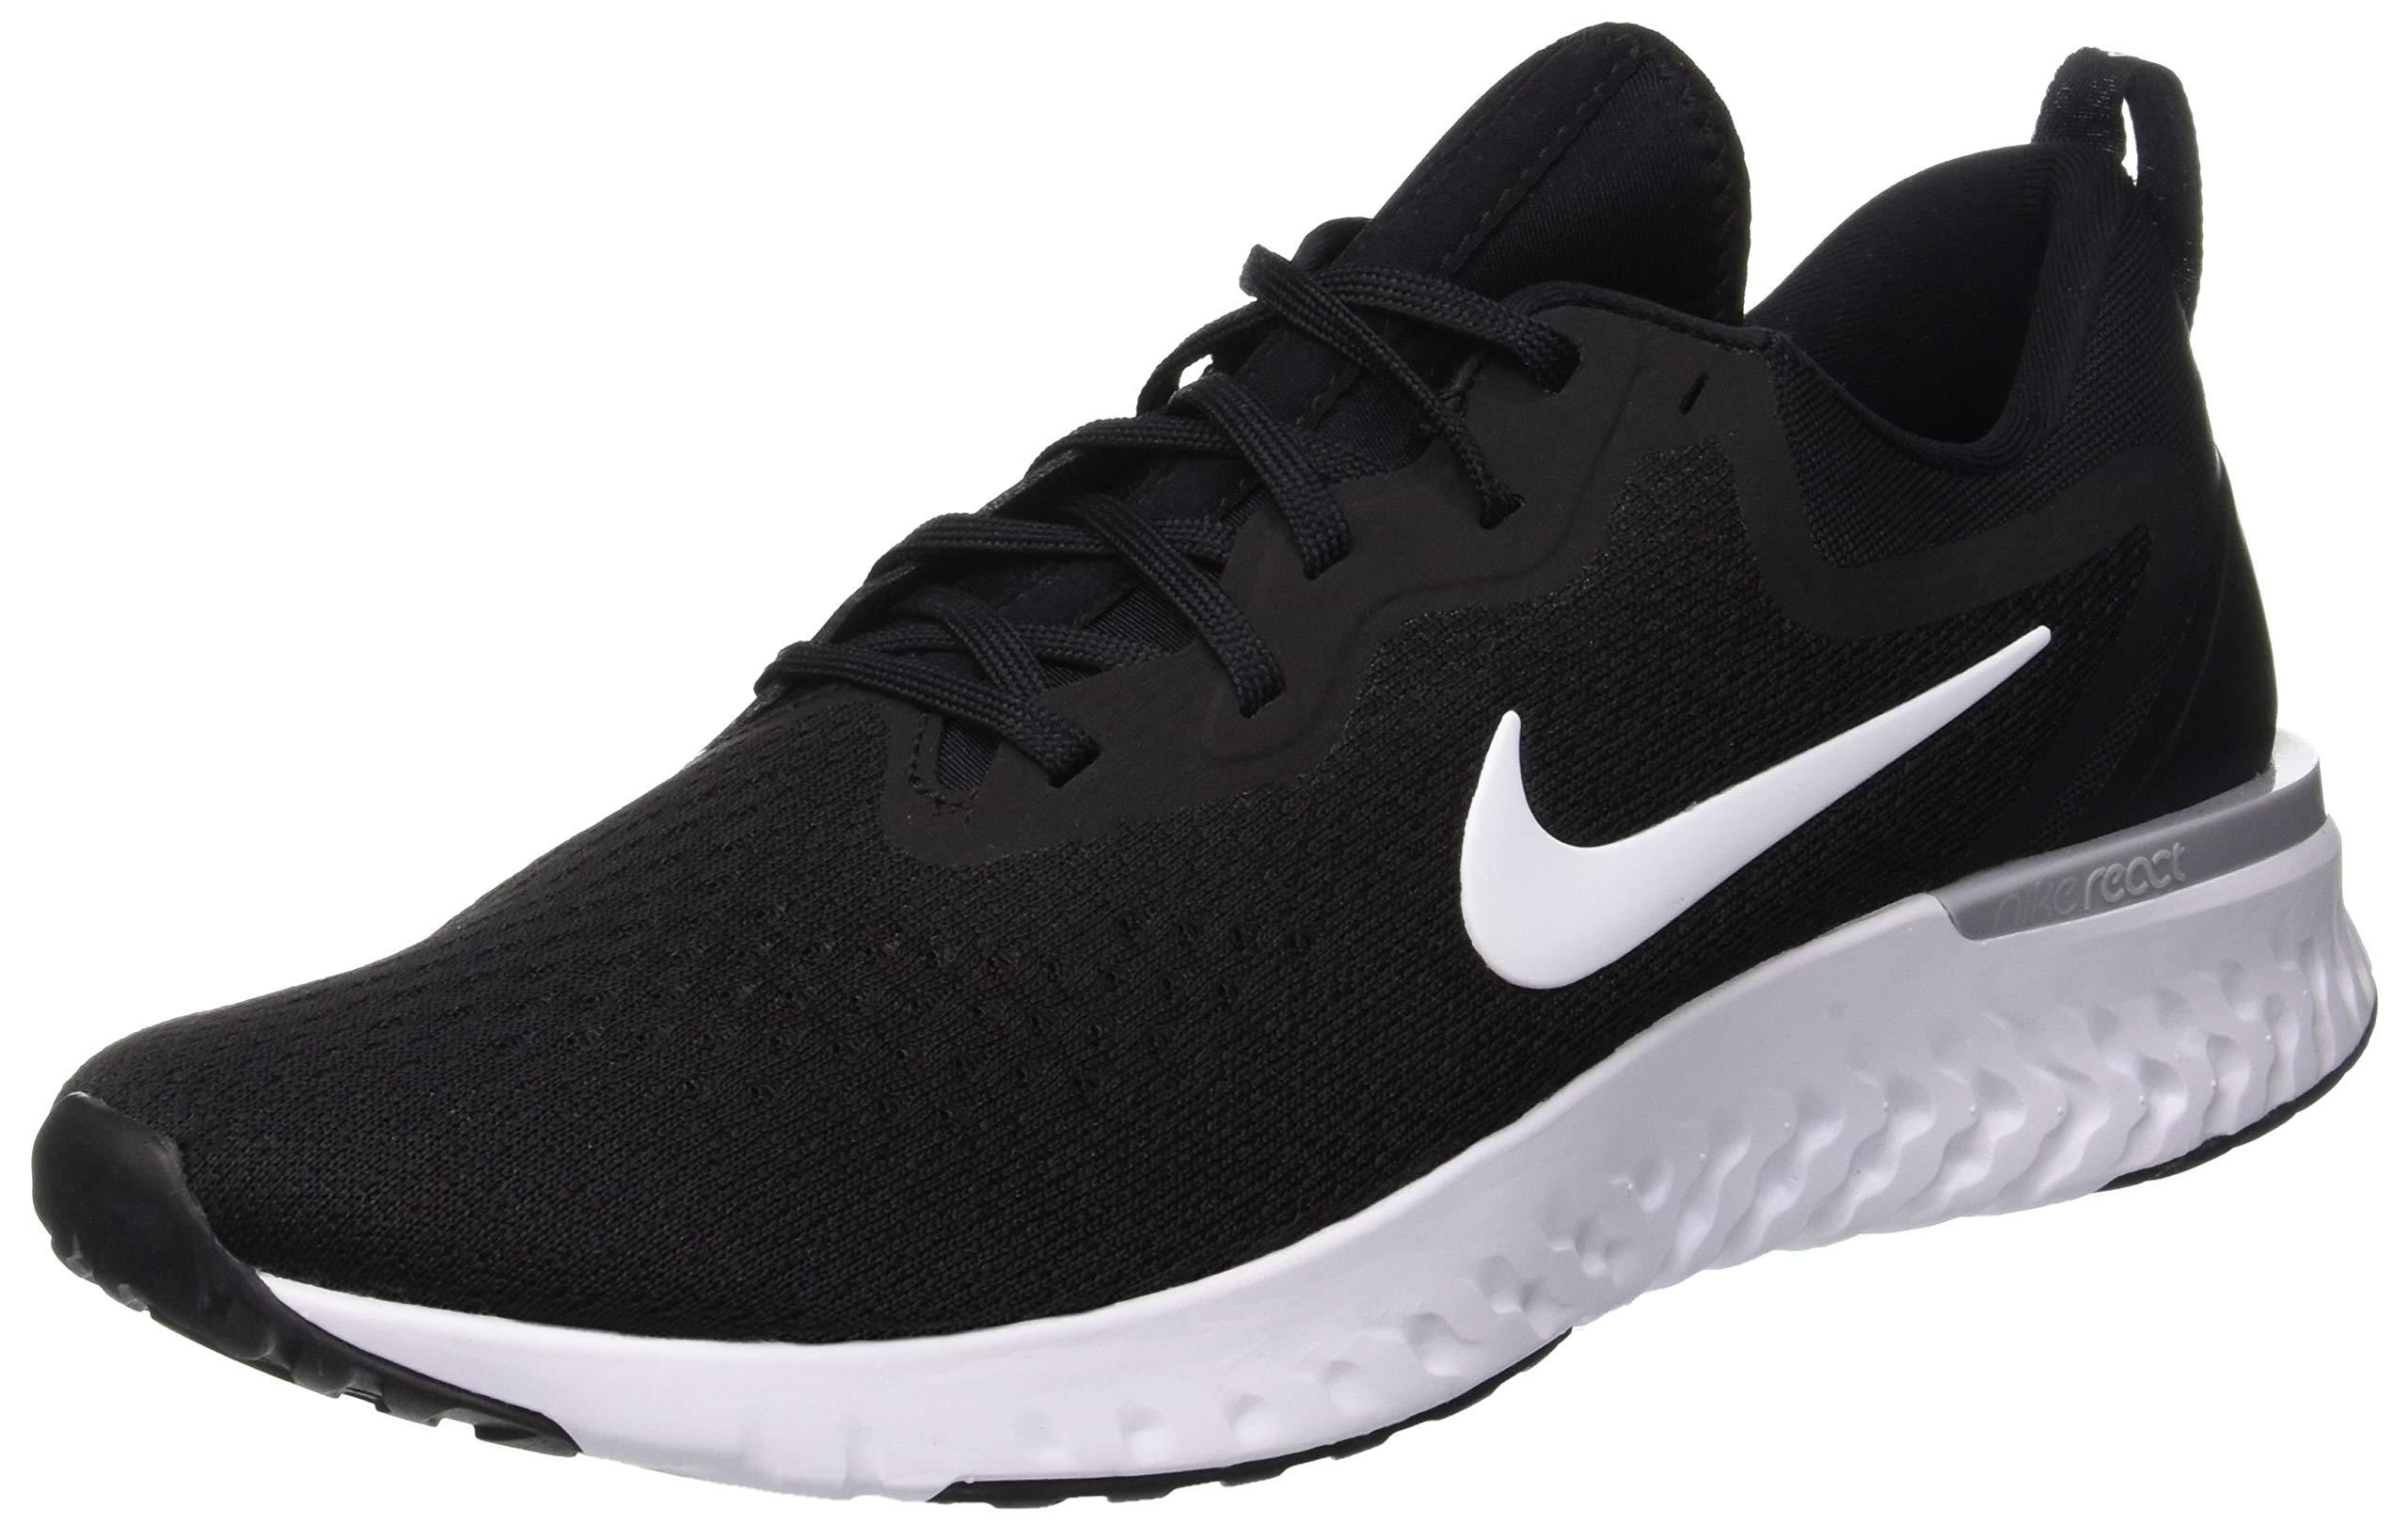 Nike Men's Odyssey React Running Shoe Black/White-Wolf Grey 7.5 by Nike (Image #1)